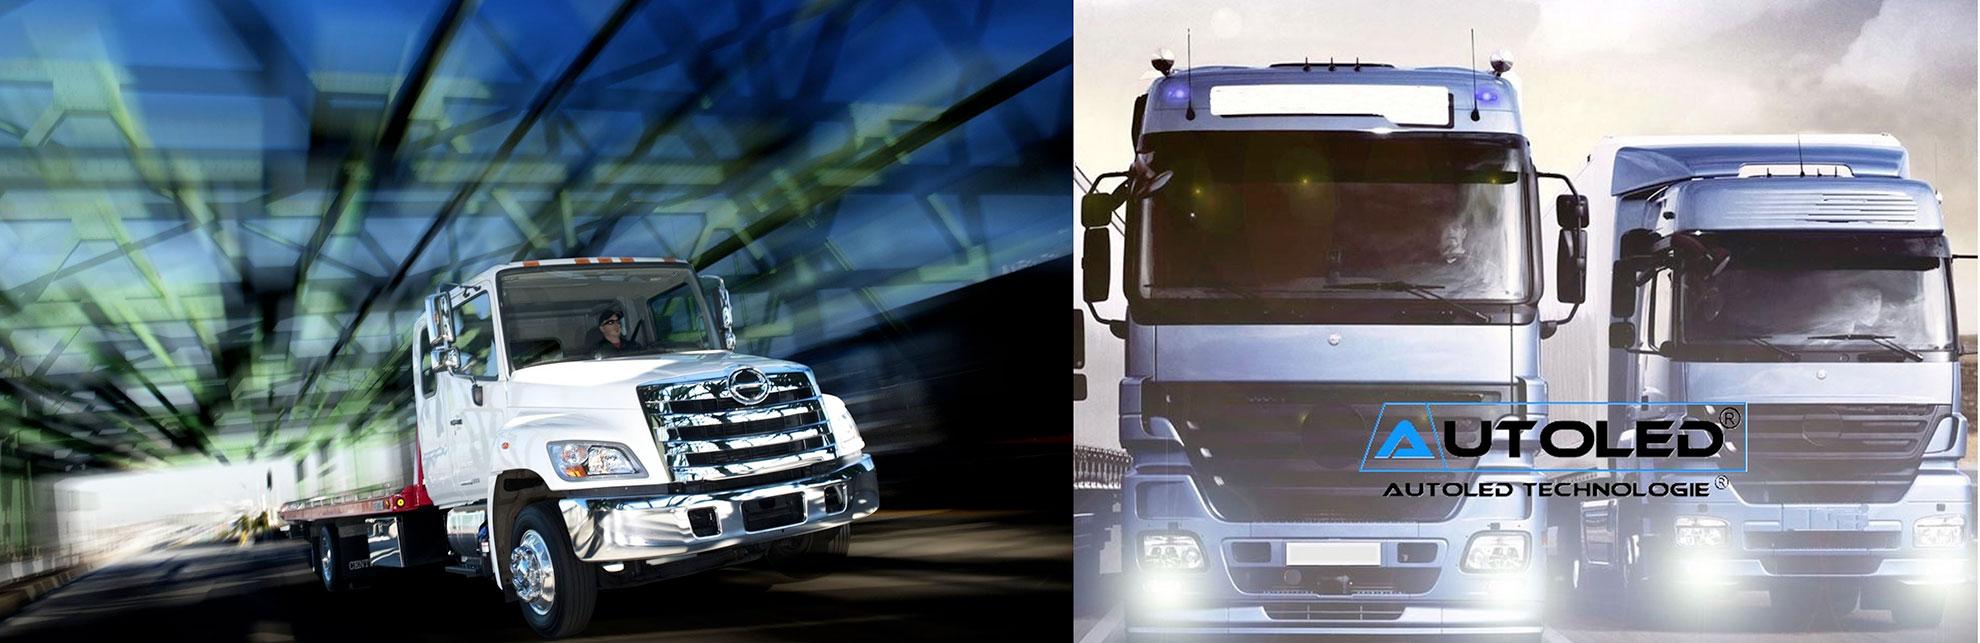 Camions poids lourds AUTOLED